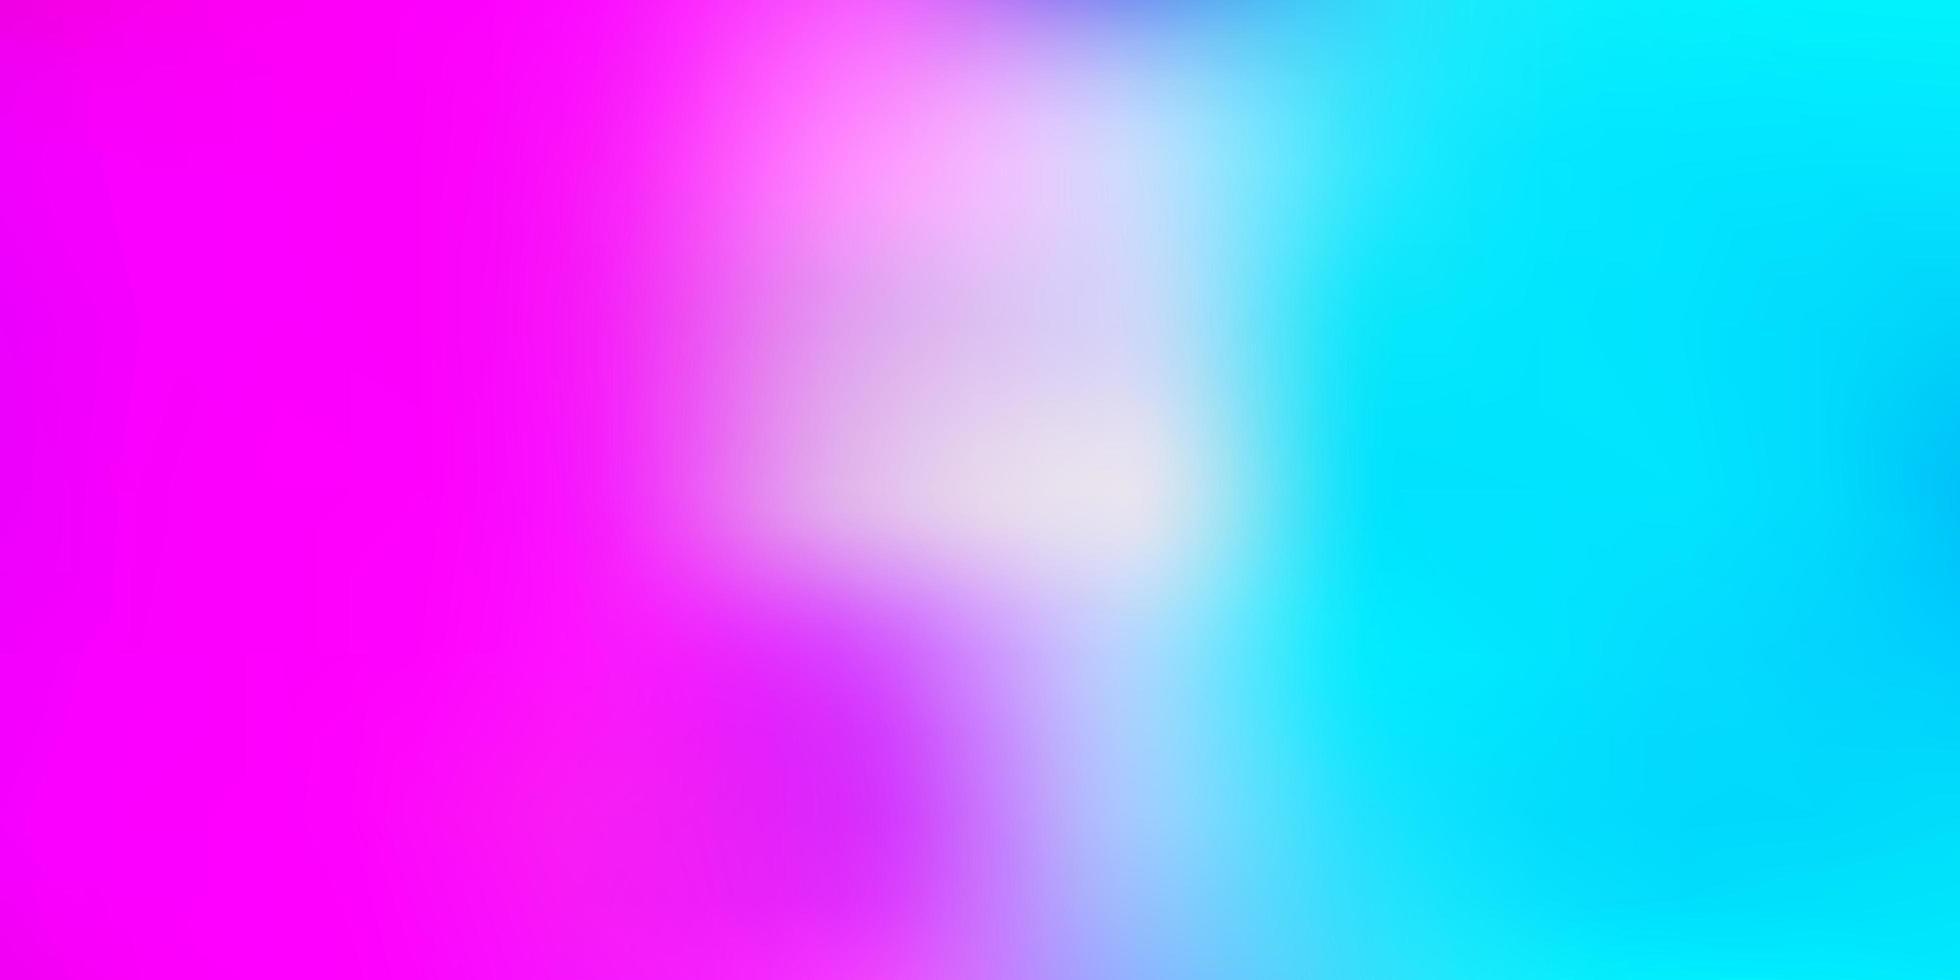 ljusblå, röd vektor abstrakt oskärpa ritning.